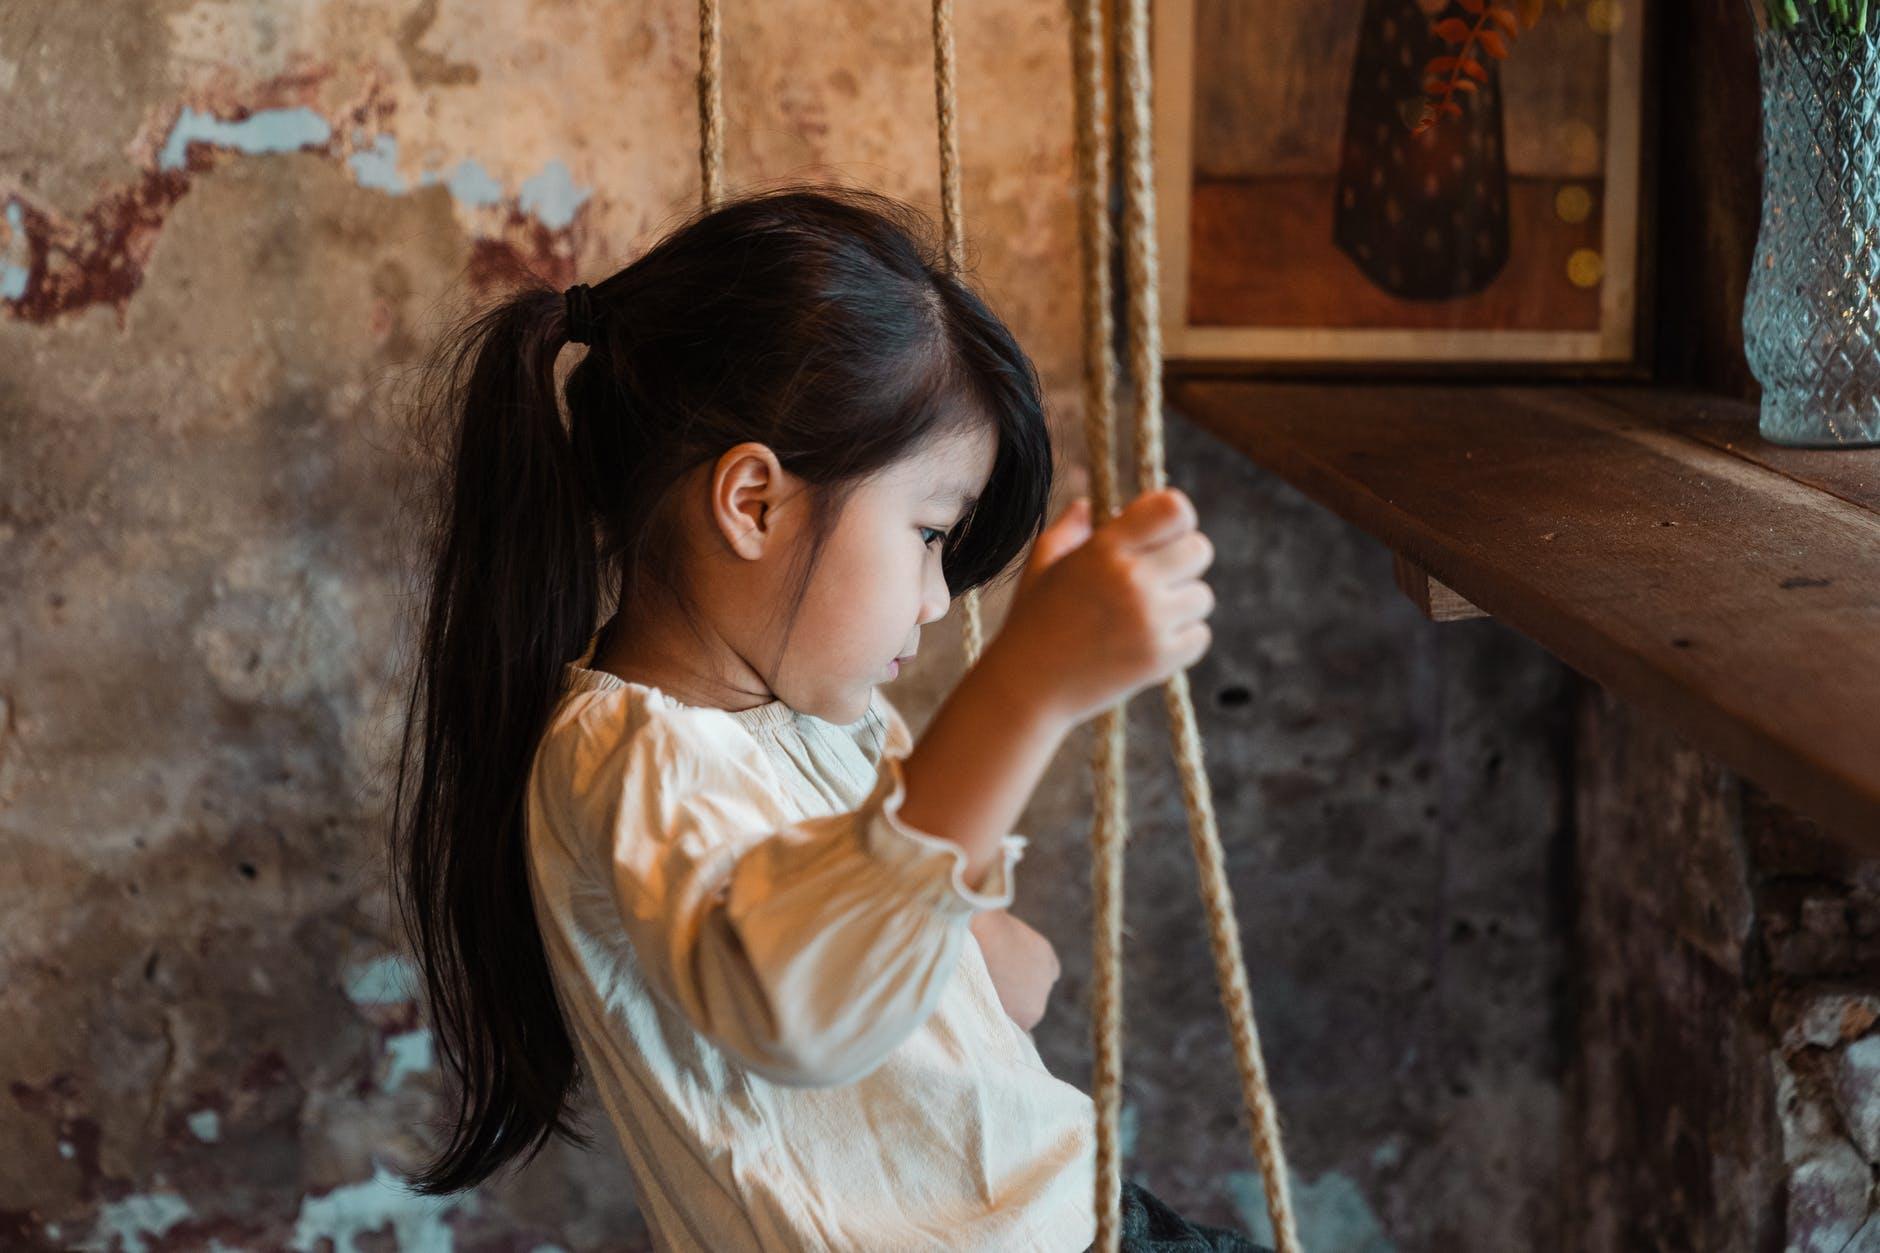 Thay vì chỉ biết xót xa khi con bị cô lập, đây mới là 5 điều cần thiết mà bố mẹ cần phải làm để giúp con thoát khỏi bi kịch này - Ảnh 1.